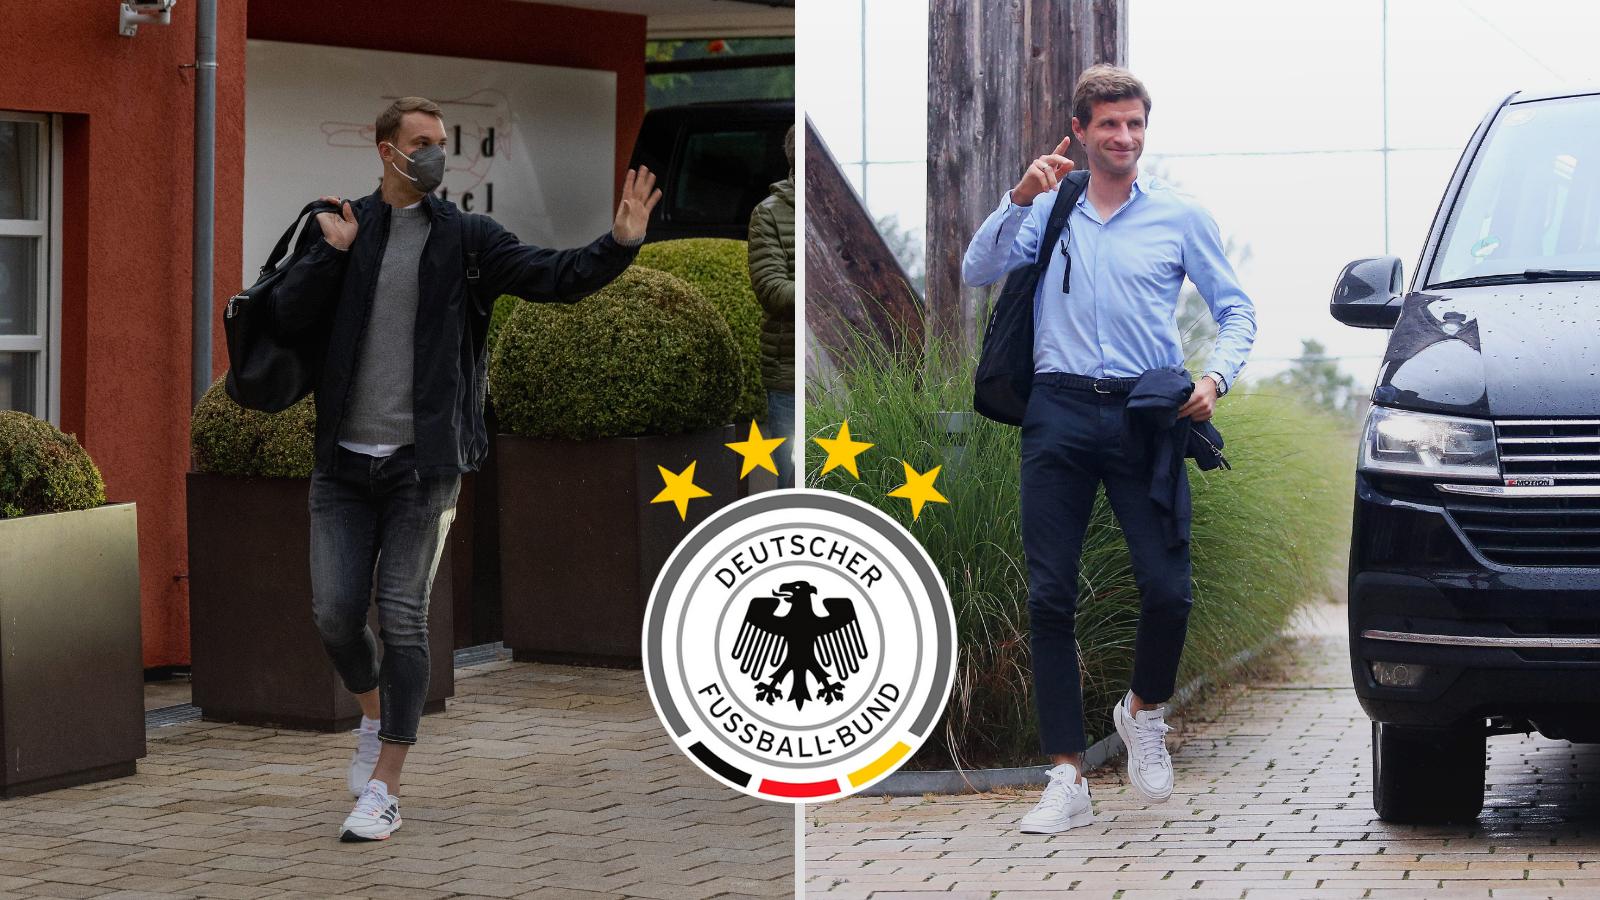 Manuel Neuer y Thomas Müller, bajas para la Selección Alemana frente a Liechtenstein. Foto: Imago